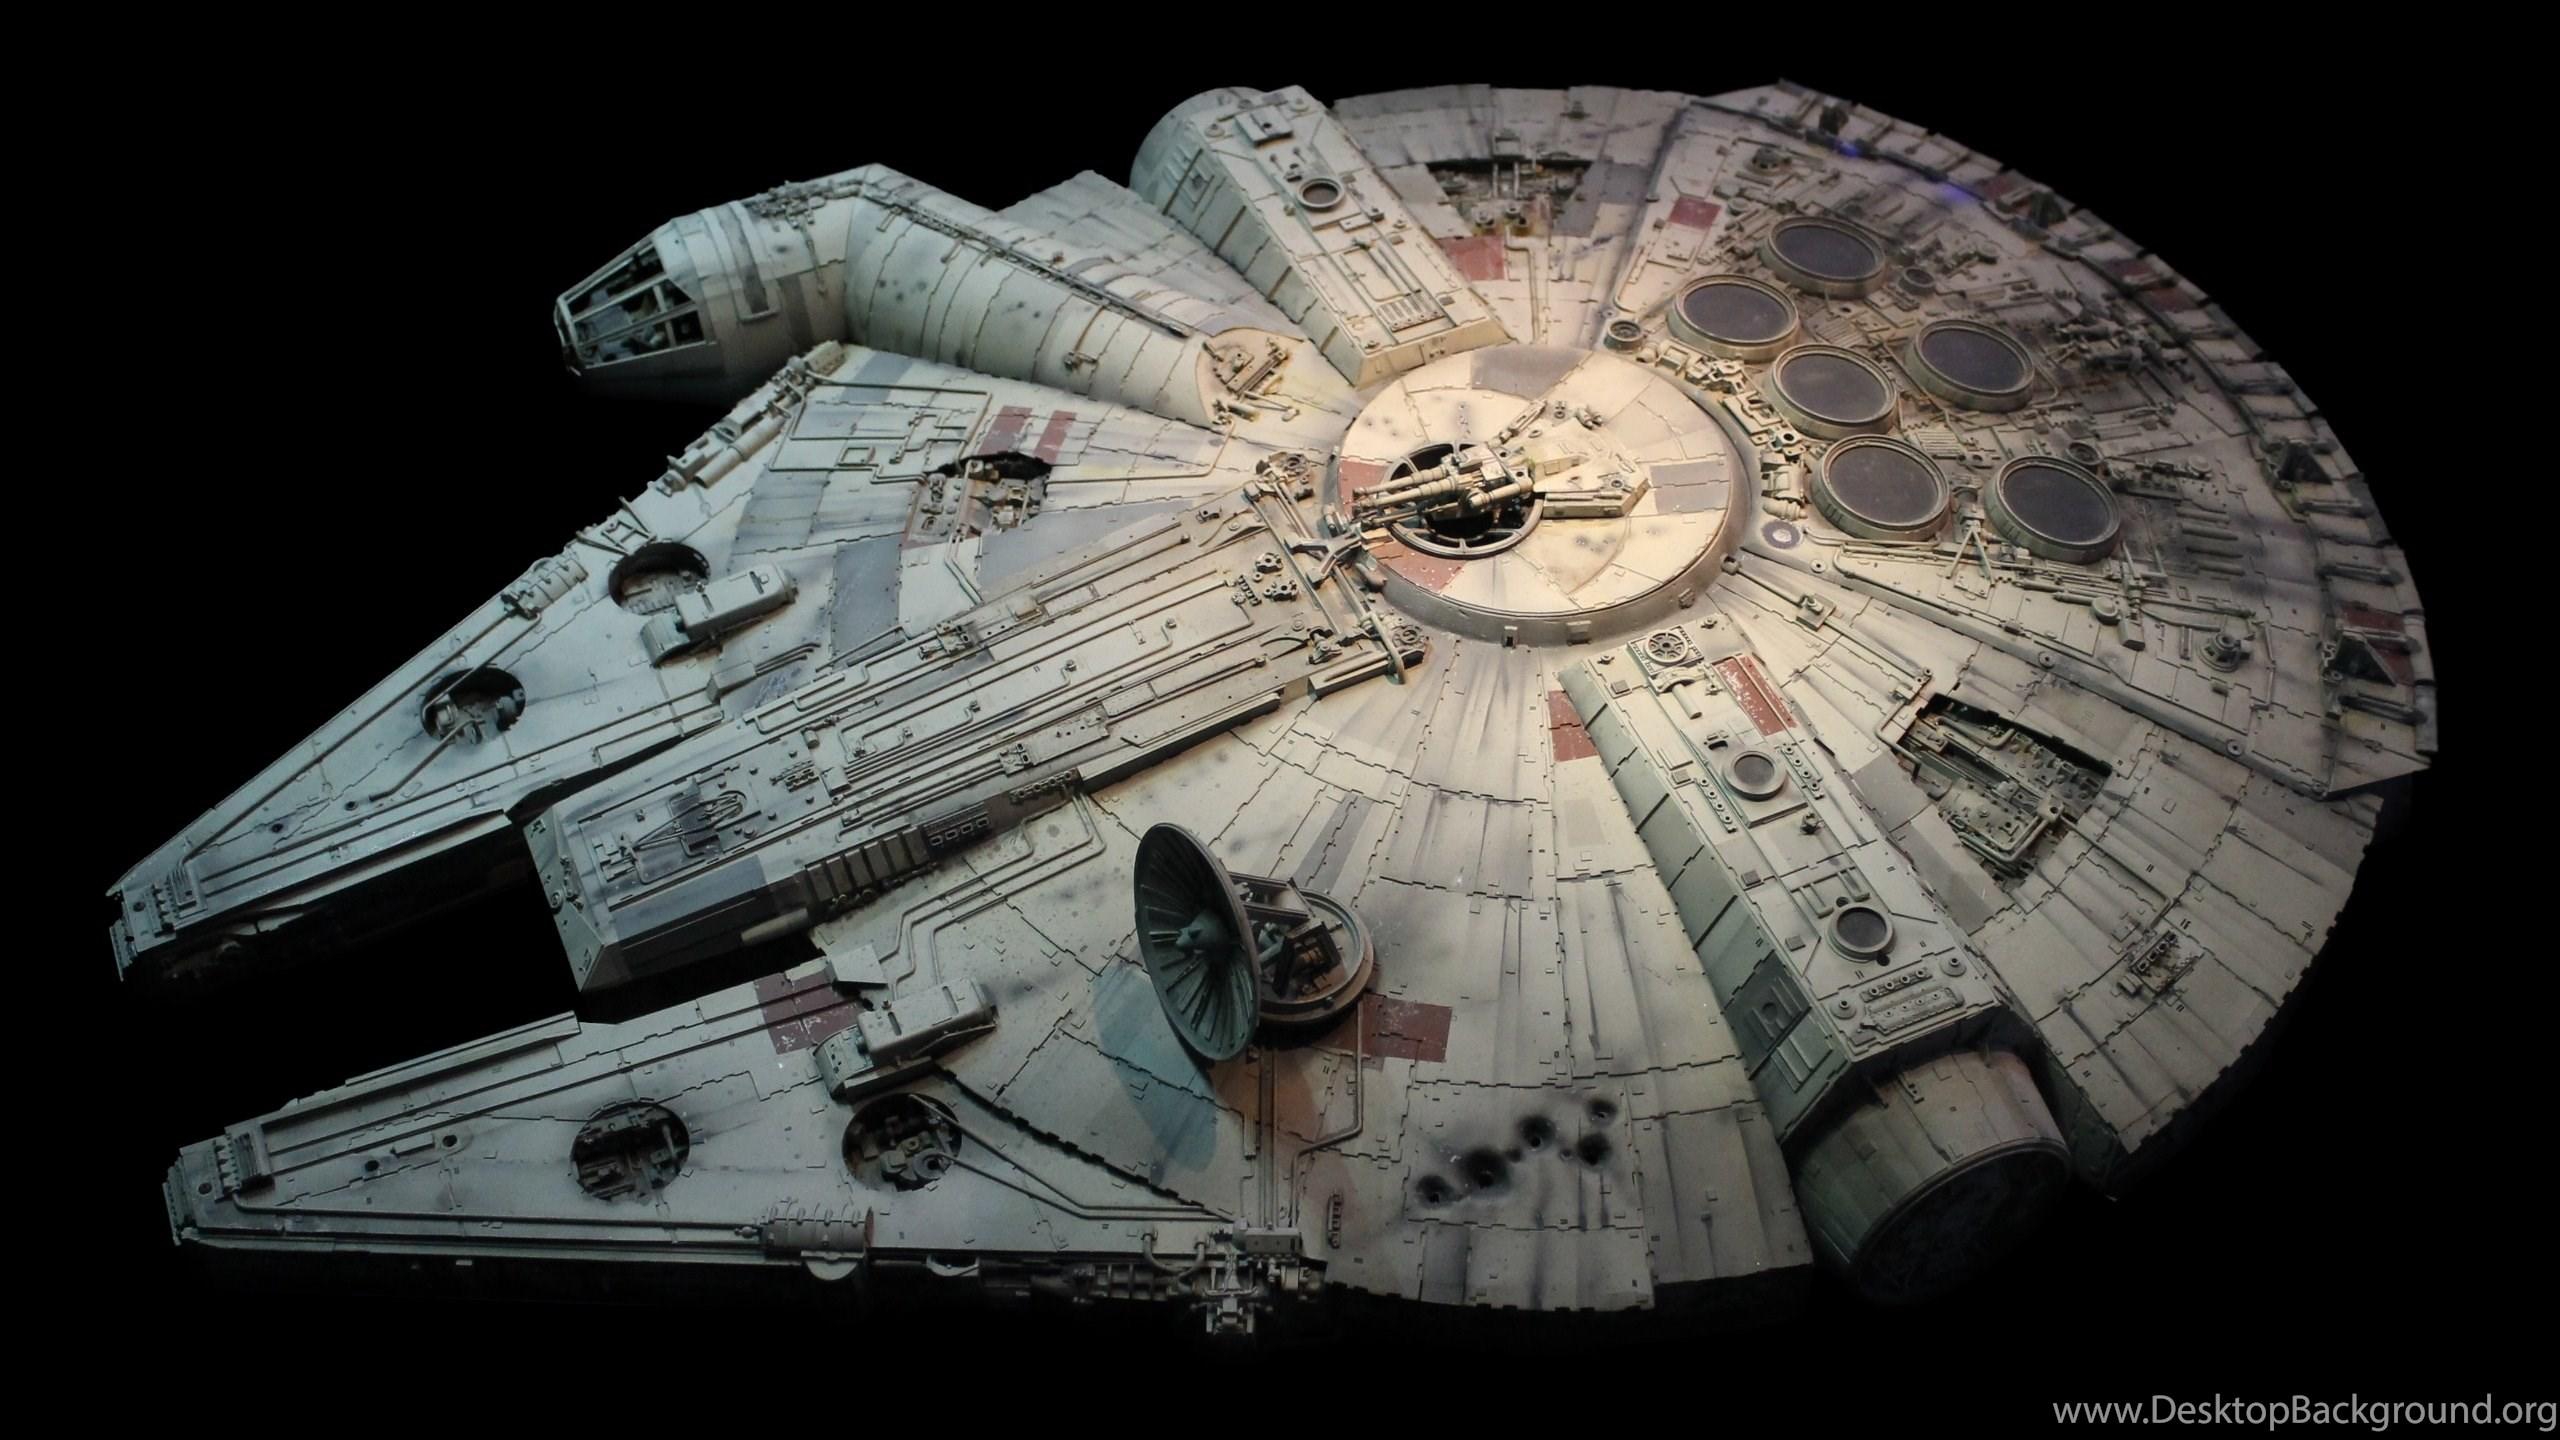 Millennium Falcon Wallpaper Starwars Desktop Background